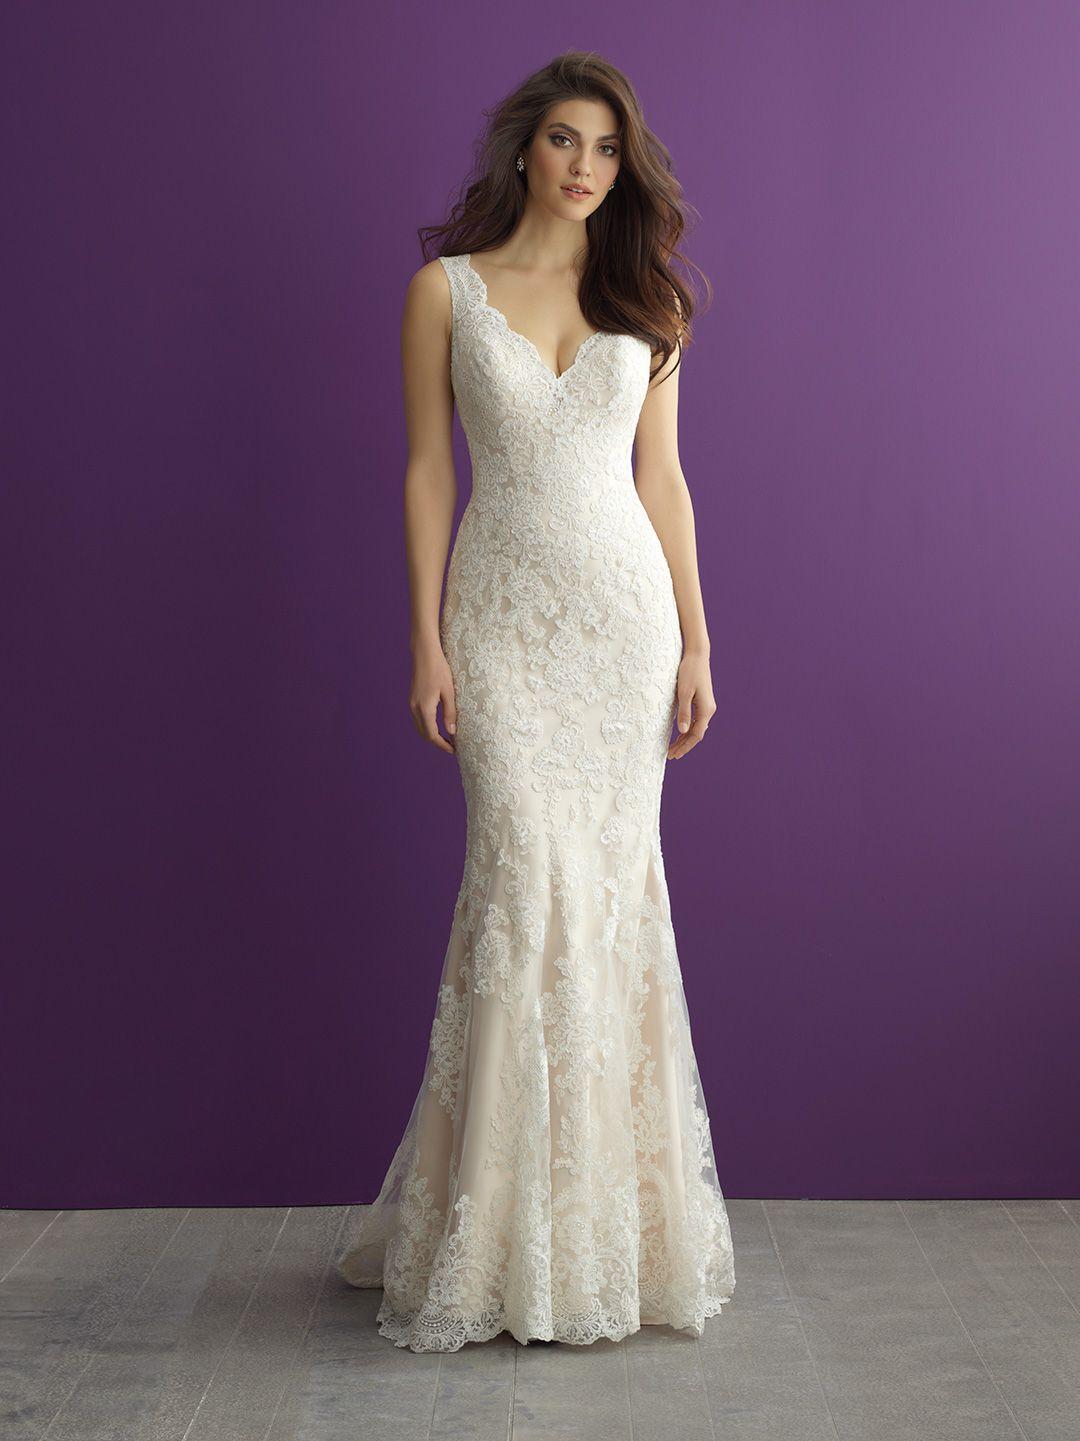 Moderno Used Wedding Dresses Dallas Colección de Imágenes - Vestido ...